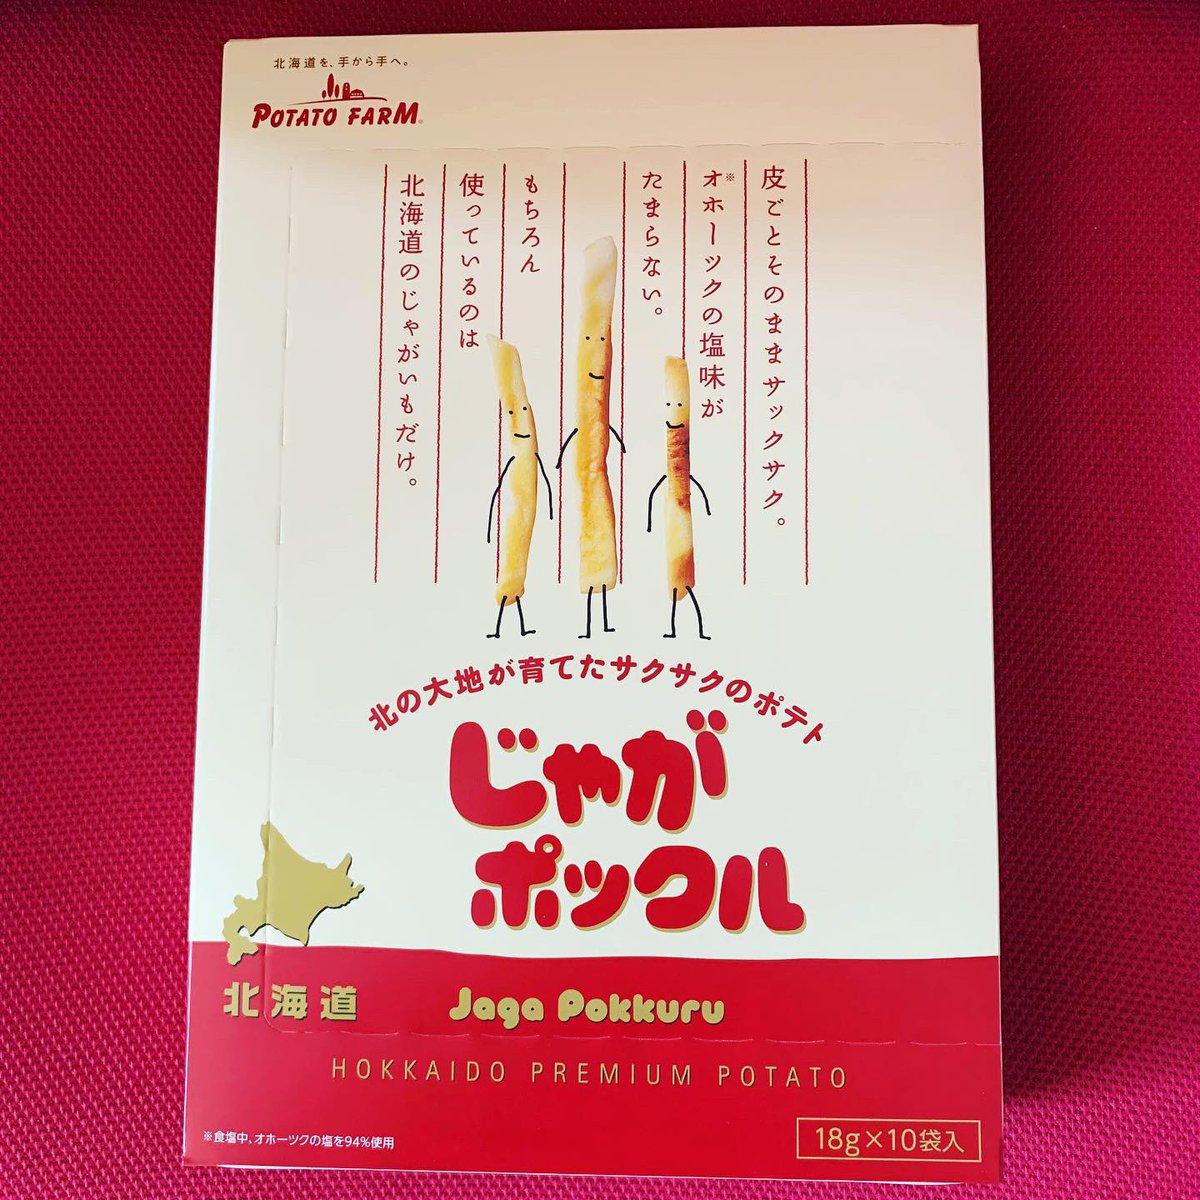 test ツイッターメディア - 相変わらずおいしい😋 たまーに地元に北海道のお菓子や食品を出張販売しに来てます。北海道物産展とは違って、外でワゴンで販売してるの。今回はじゃがポックルをゲット!#北海道 #じゃがポックル #お菓子 #おやつ #限定 https://t.co/b4clvqC1d0